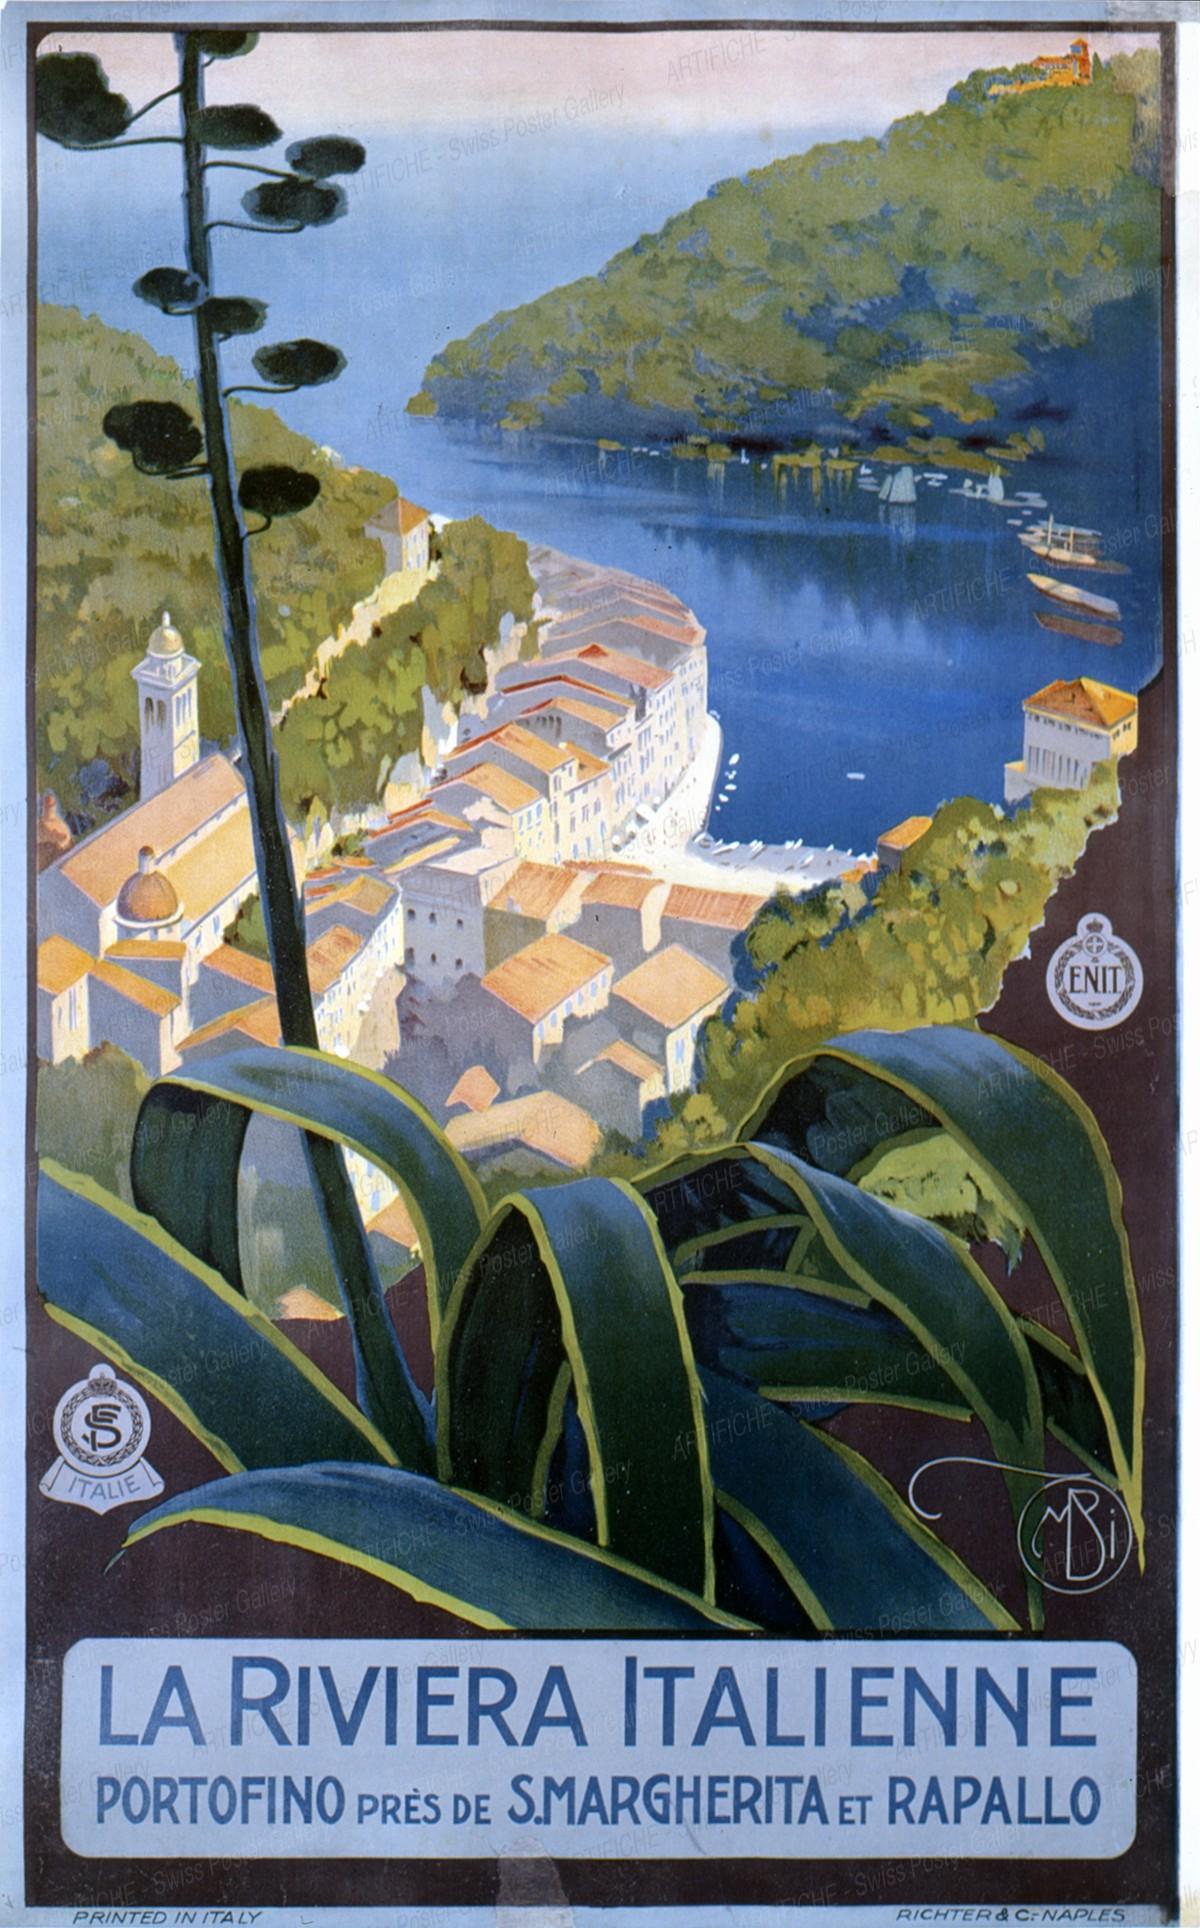 The Italian Riviera – Portofino, Mario Borgoni